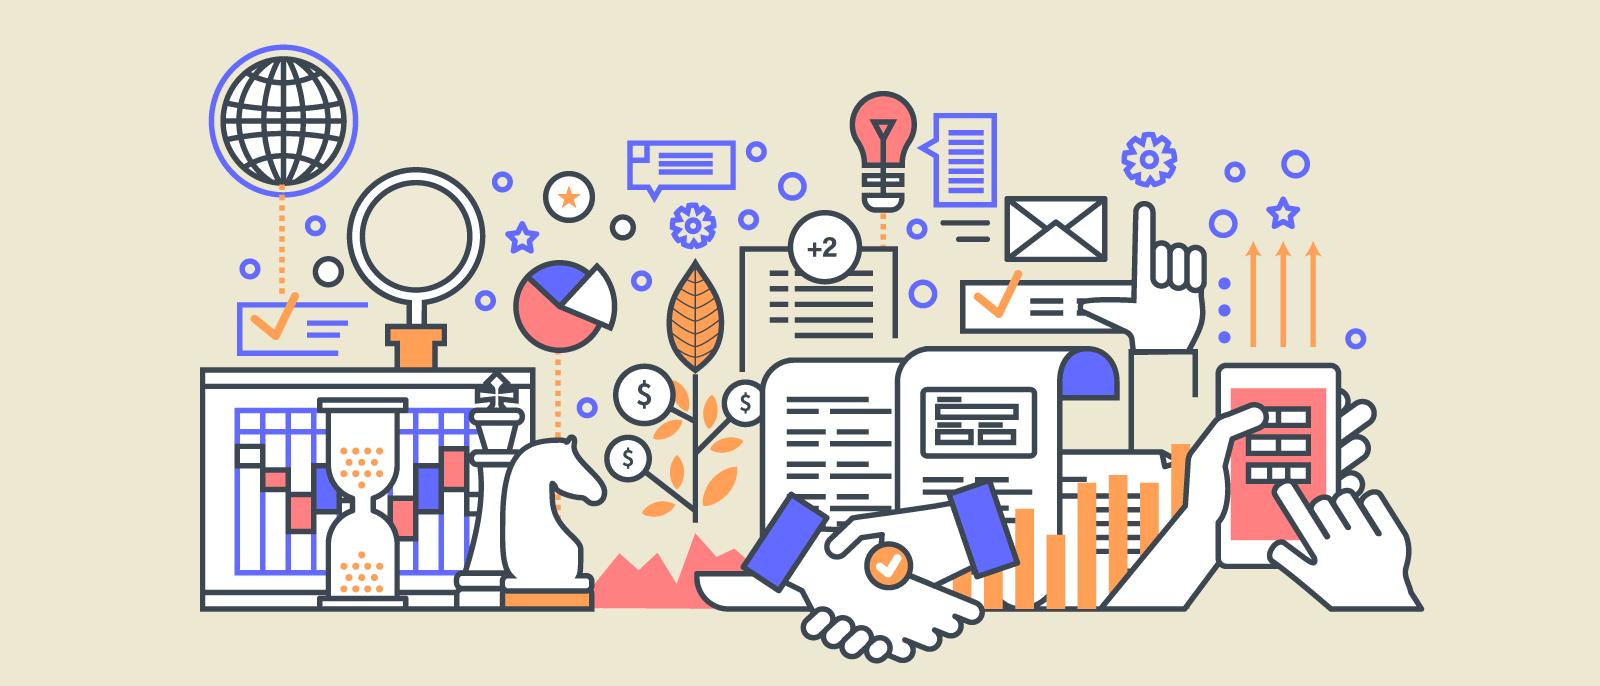 مدیر محصول چه نقشی در کسبوکار دارد؟